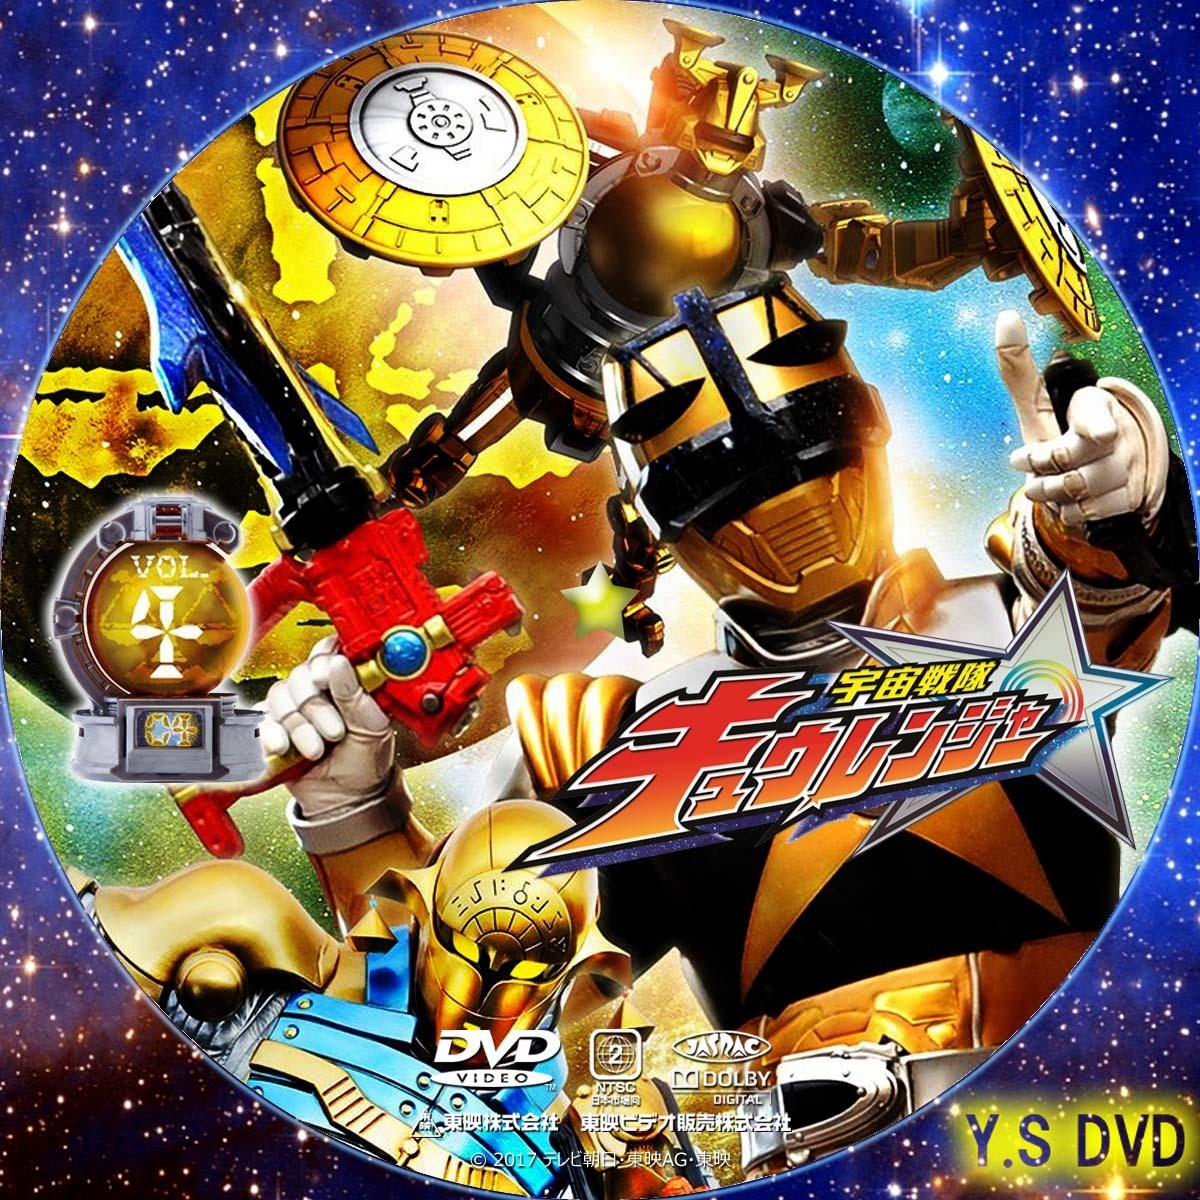 y s オリジナルdvdラベル宇宙戦隊キュウレンジャー dvd版